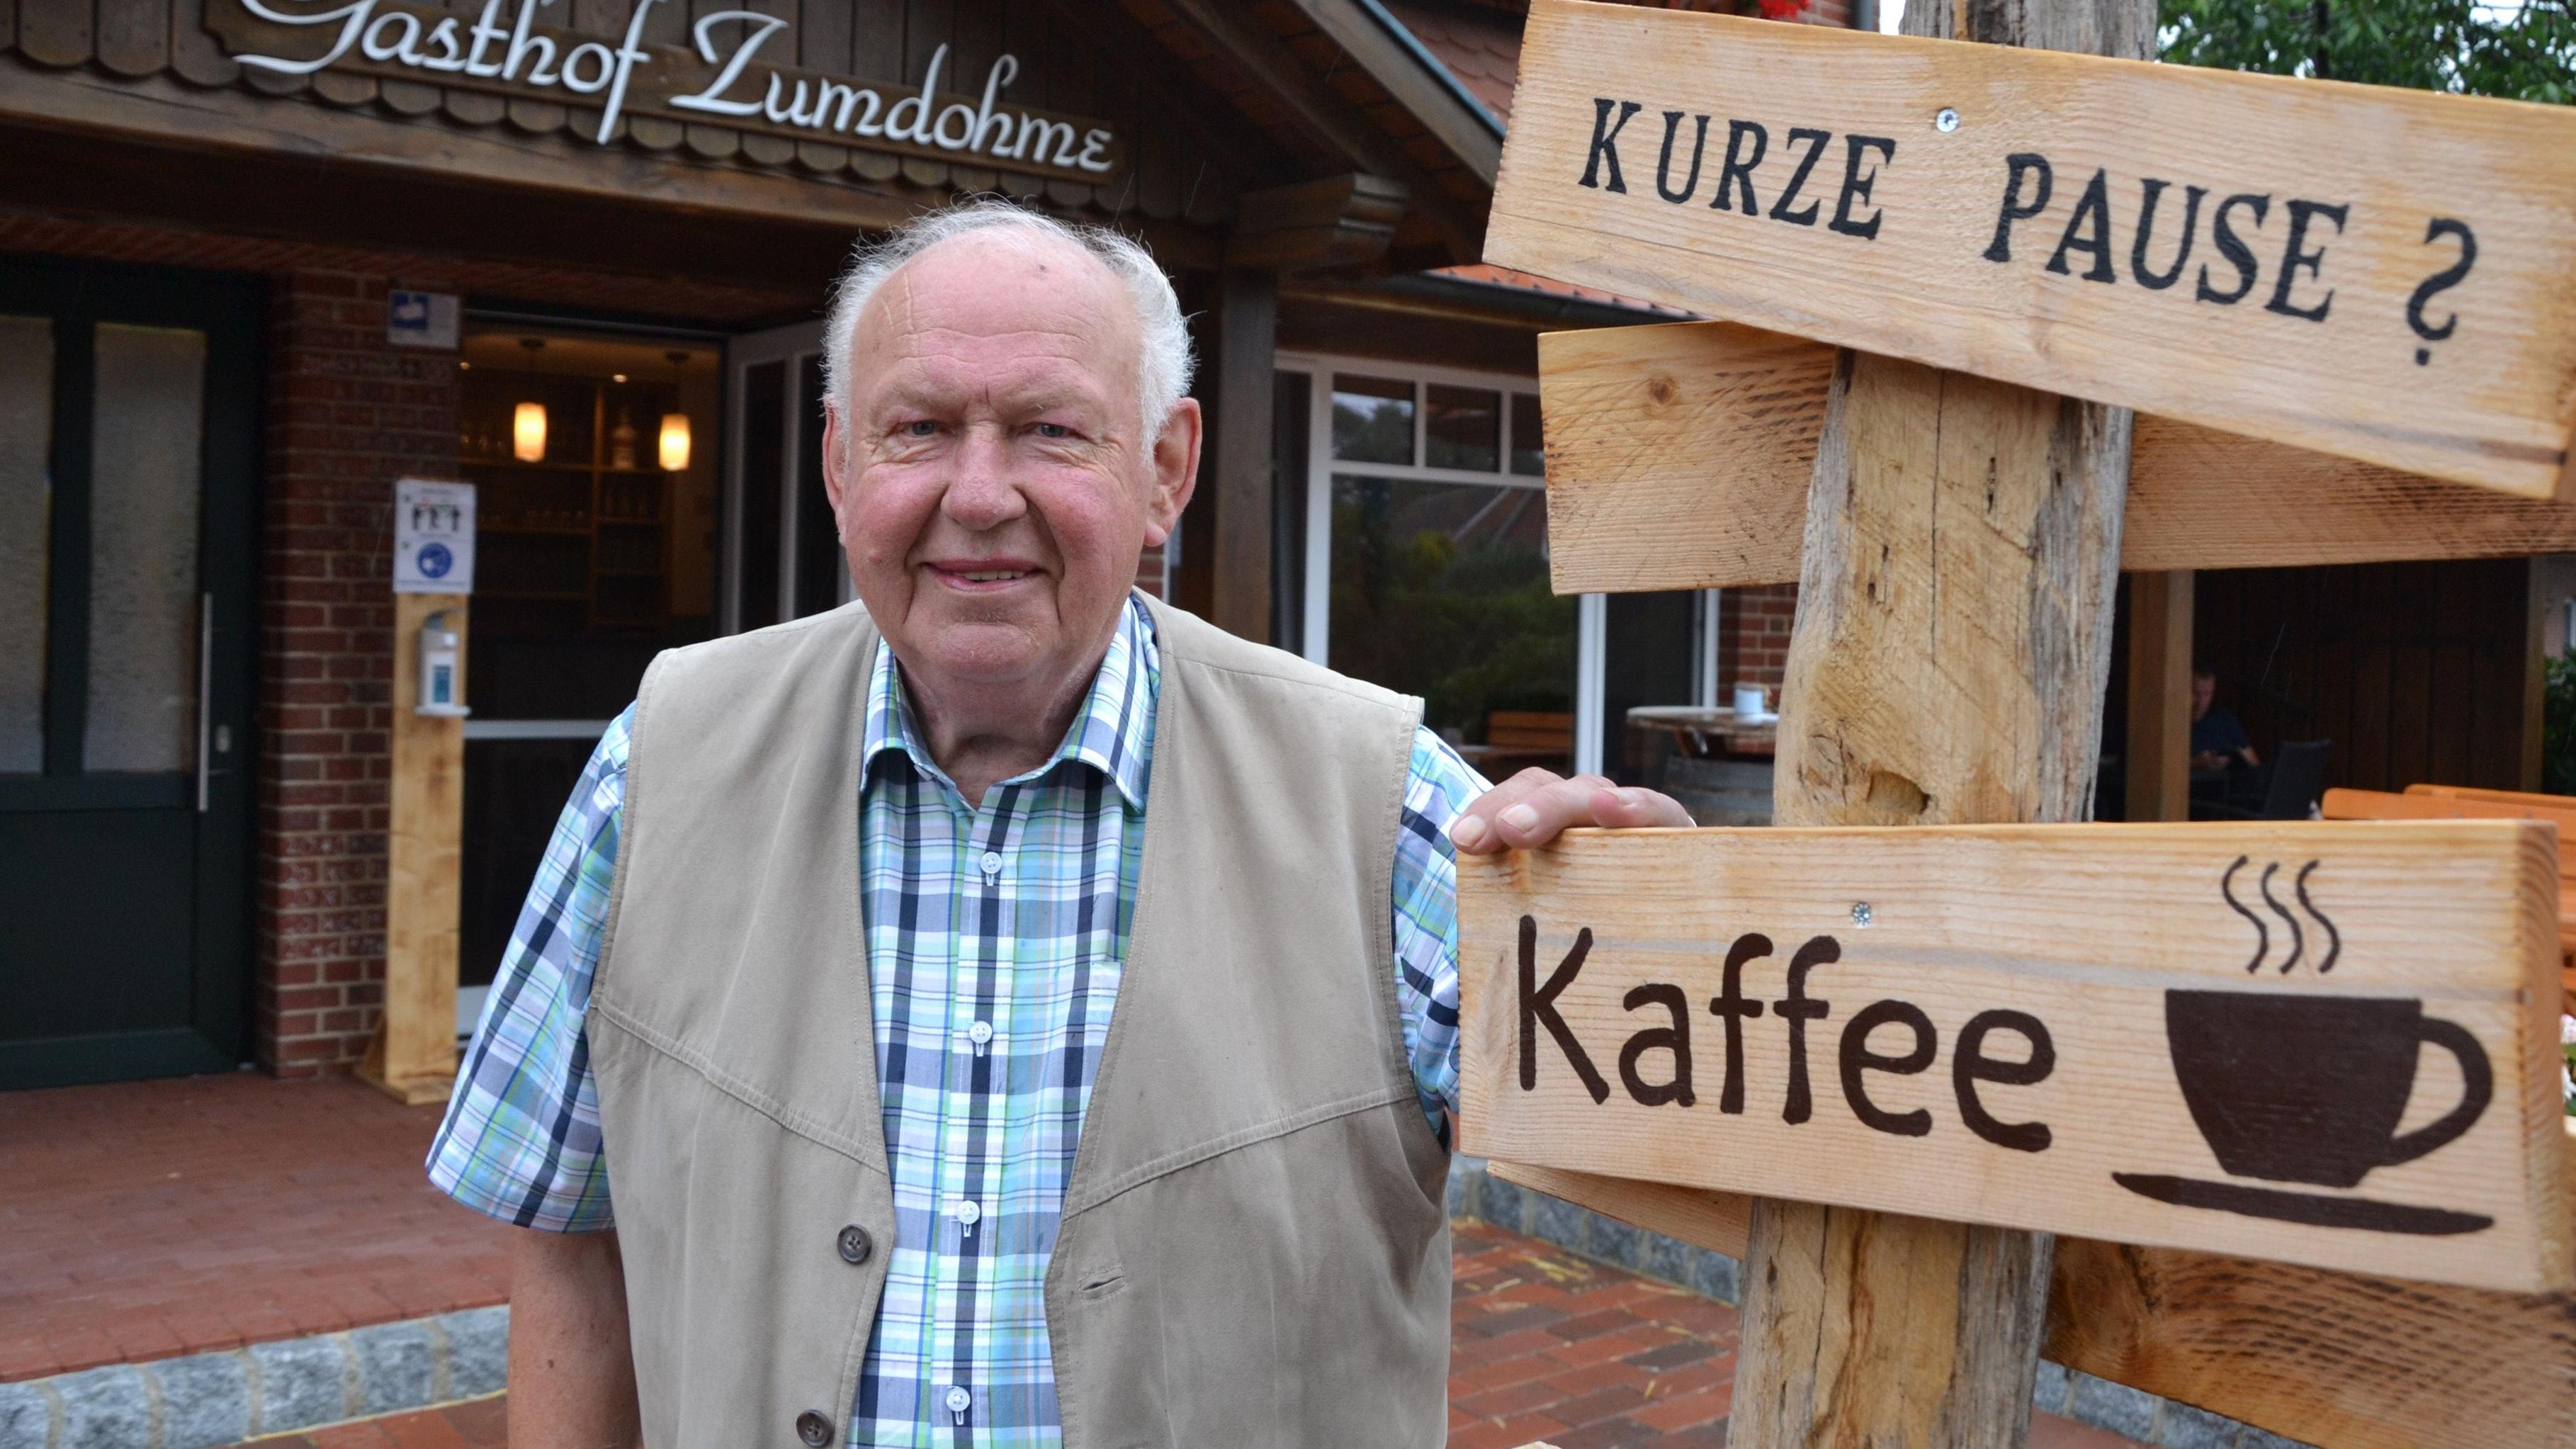 Gönnt sich eine Pause: Heinz Zumdohme hat seinen Gasthof in Suhle aufgegeben und darin ein Selbstbedienungscafé eingerichtet. Foto: G. Meyer